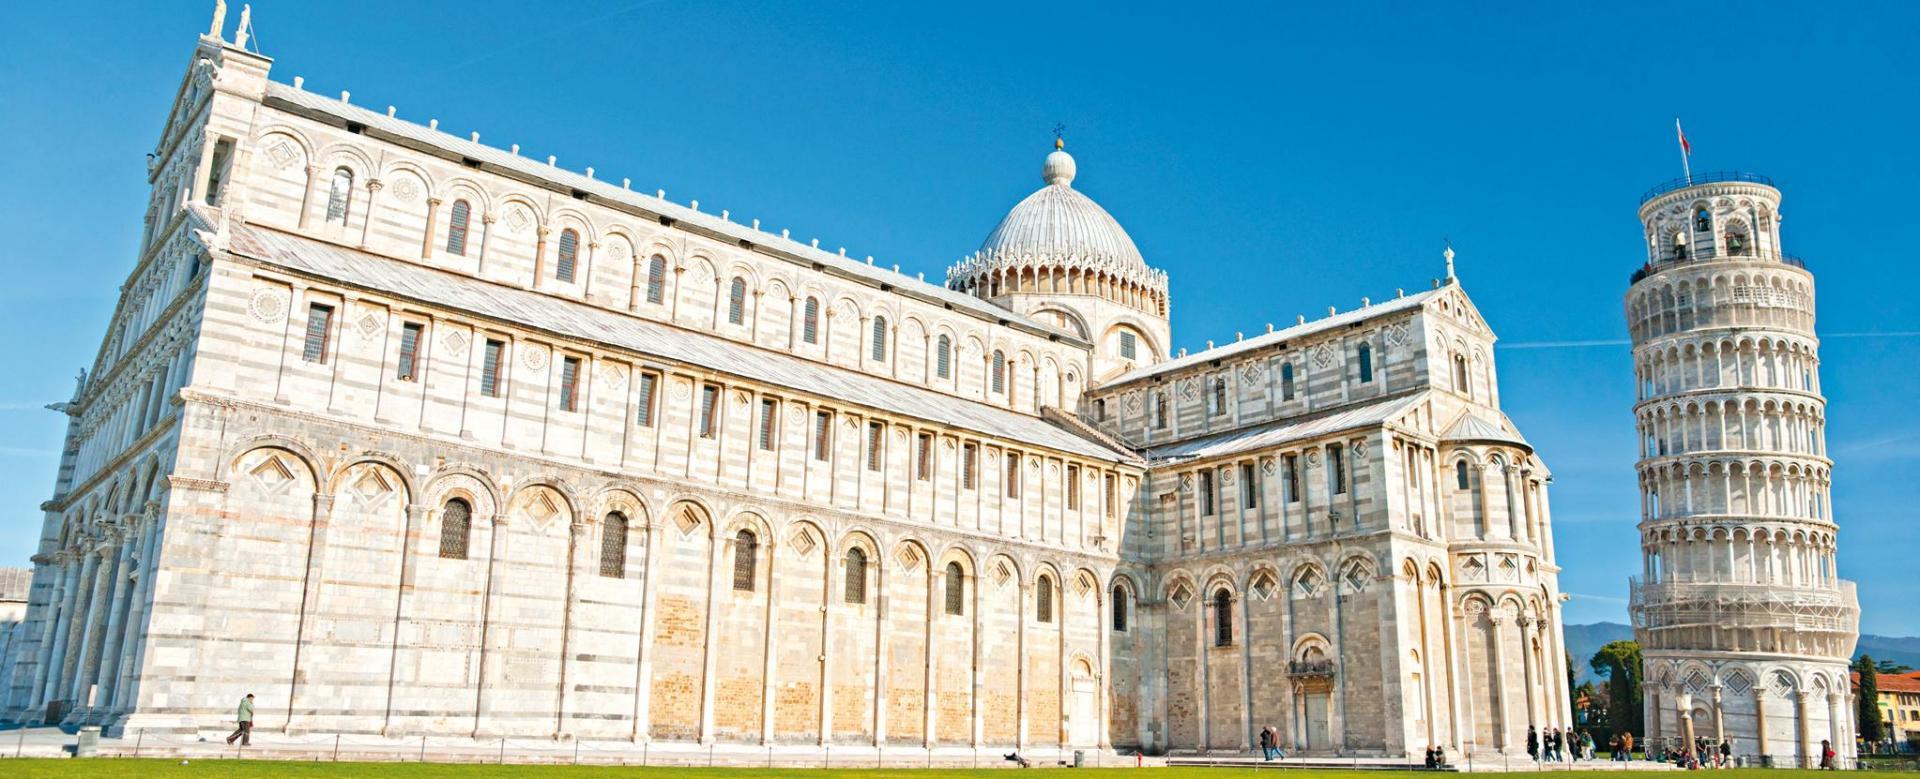 Voyage en véhicule Italie : La via francigena à vélo : de pise à sienne